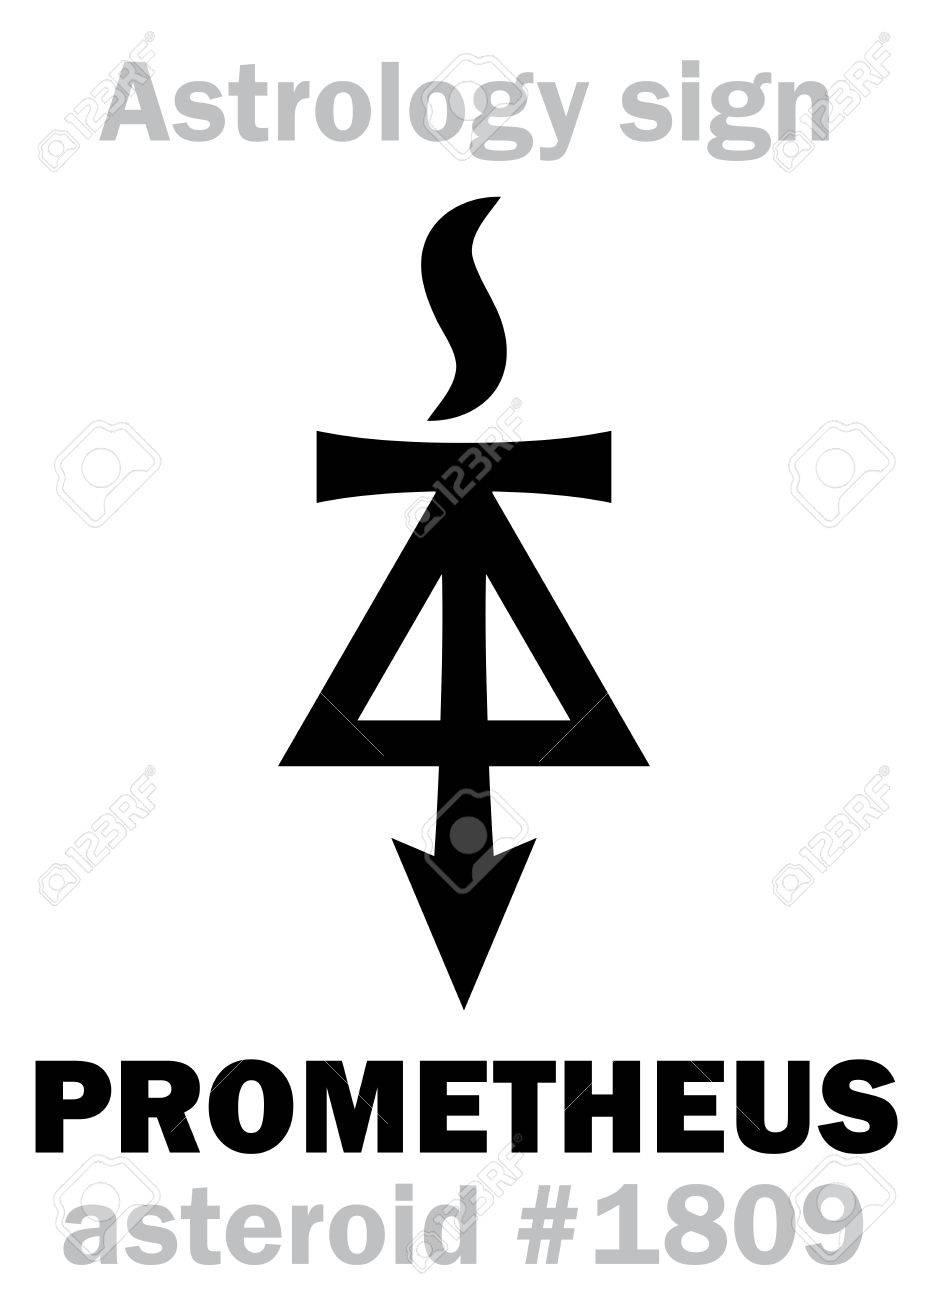 Astrology Alphabet: PROMETHEUS, asteroid #1809  Hieroglyphics